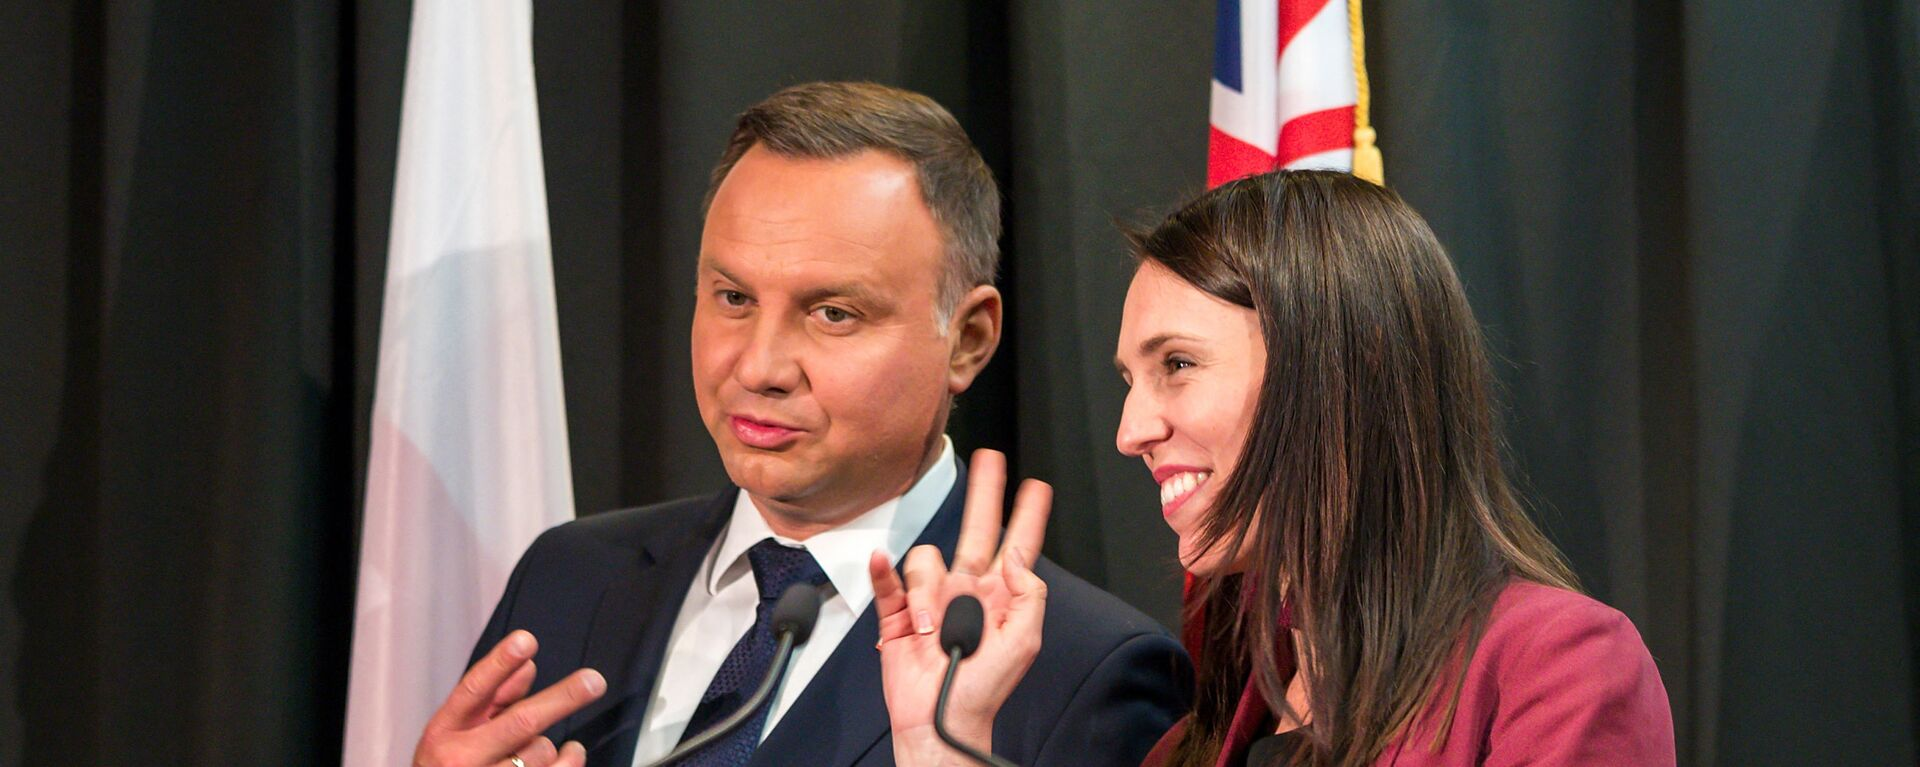 Президент Польши Анджей Дуда и премьер-министр Новой Зеландии Хасинда Ардерн шутят о количестве подписей на церемонии подписания в Окленде - Sputnik Таджикистан, 1920, 30.05.2021